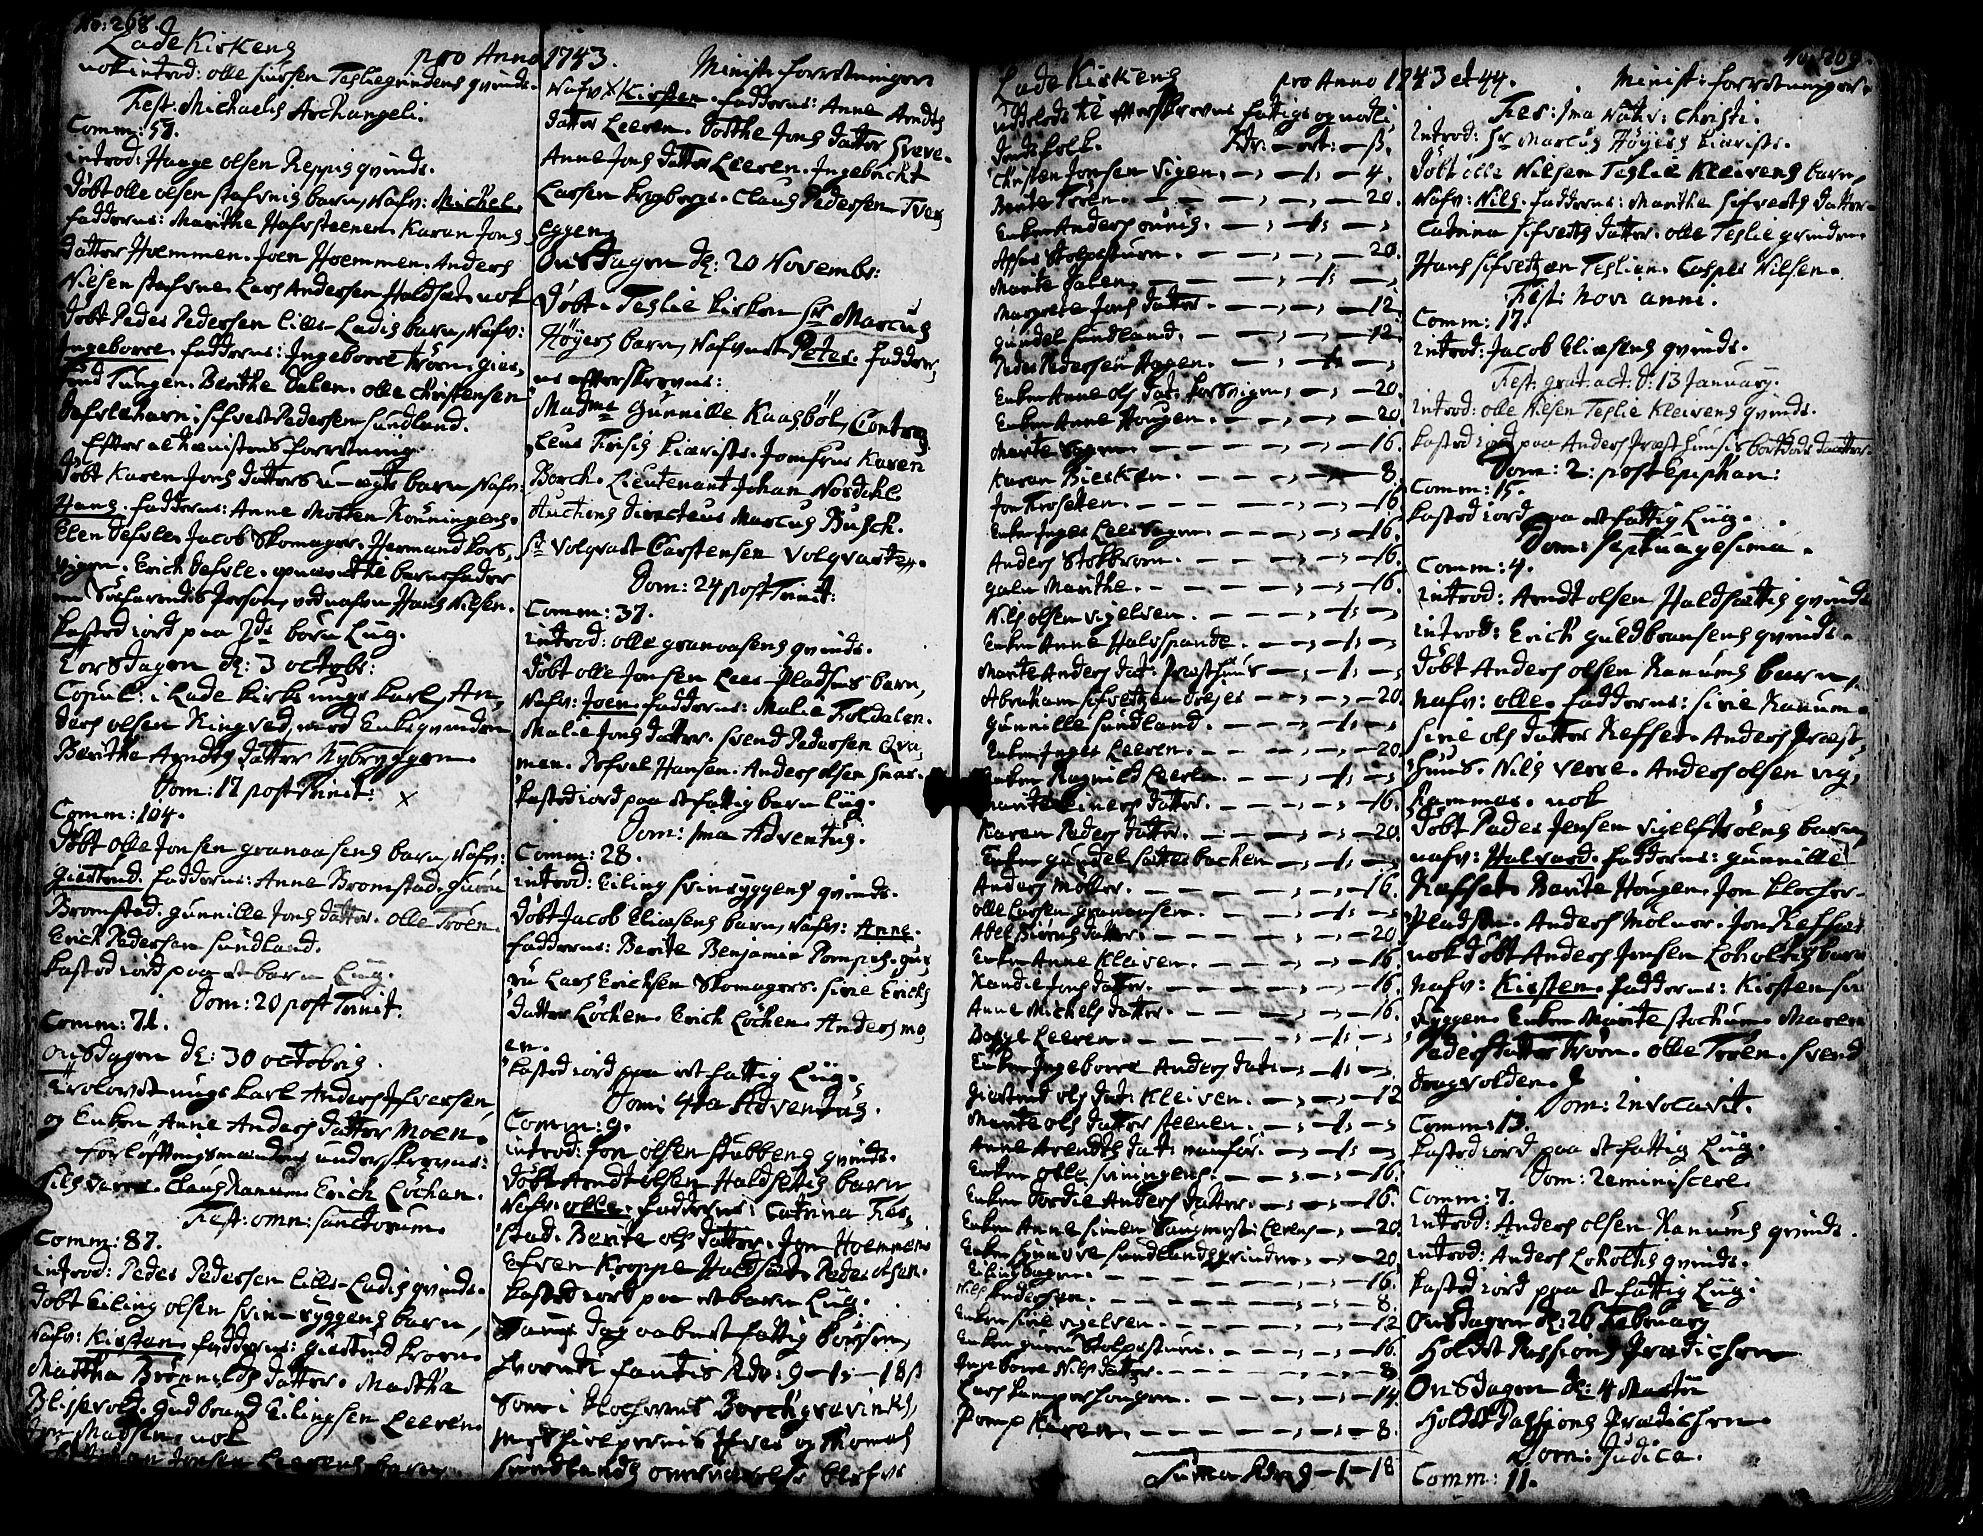 SAT, Ministerialprotokoller, klokkerbøker og fødselsregistre - Sør-Trøndelag, 606/L0275: Ministerialbok nr. 606A01 /1, 1727-1780, s. 268-269